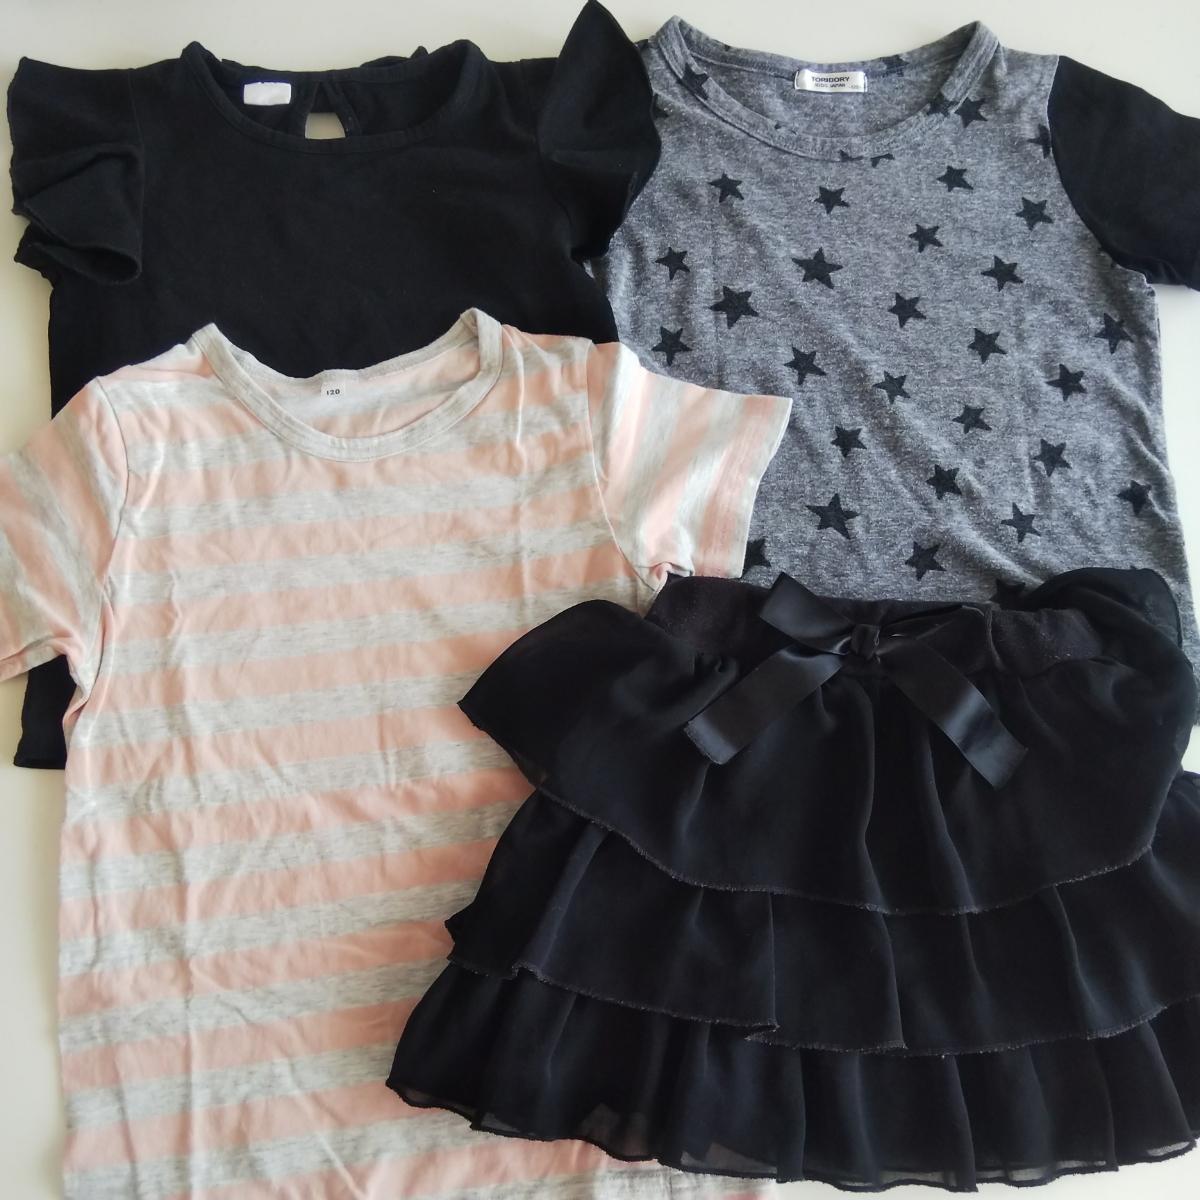 サイズ120 半袖 Tシャツ スカート 4点セット まとめて キッズ 女の子 無印_画像1